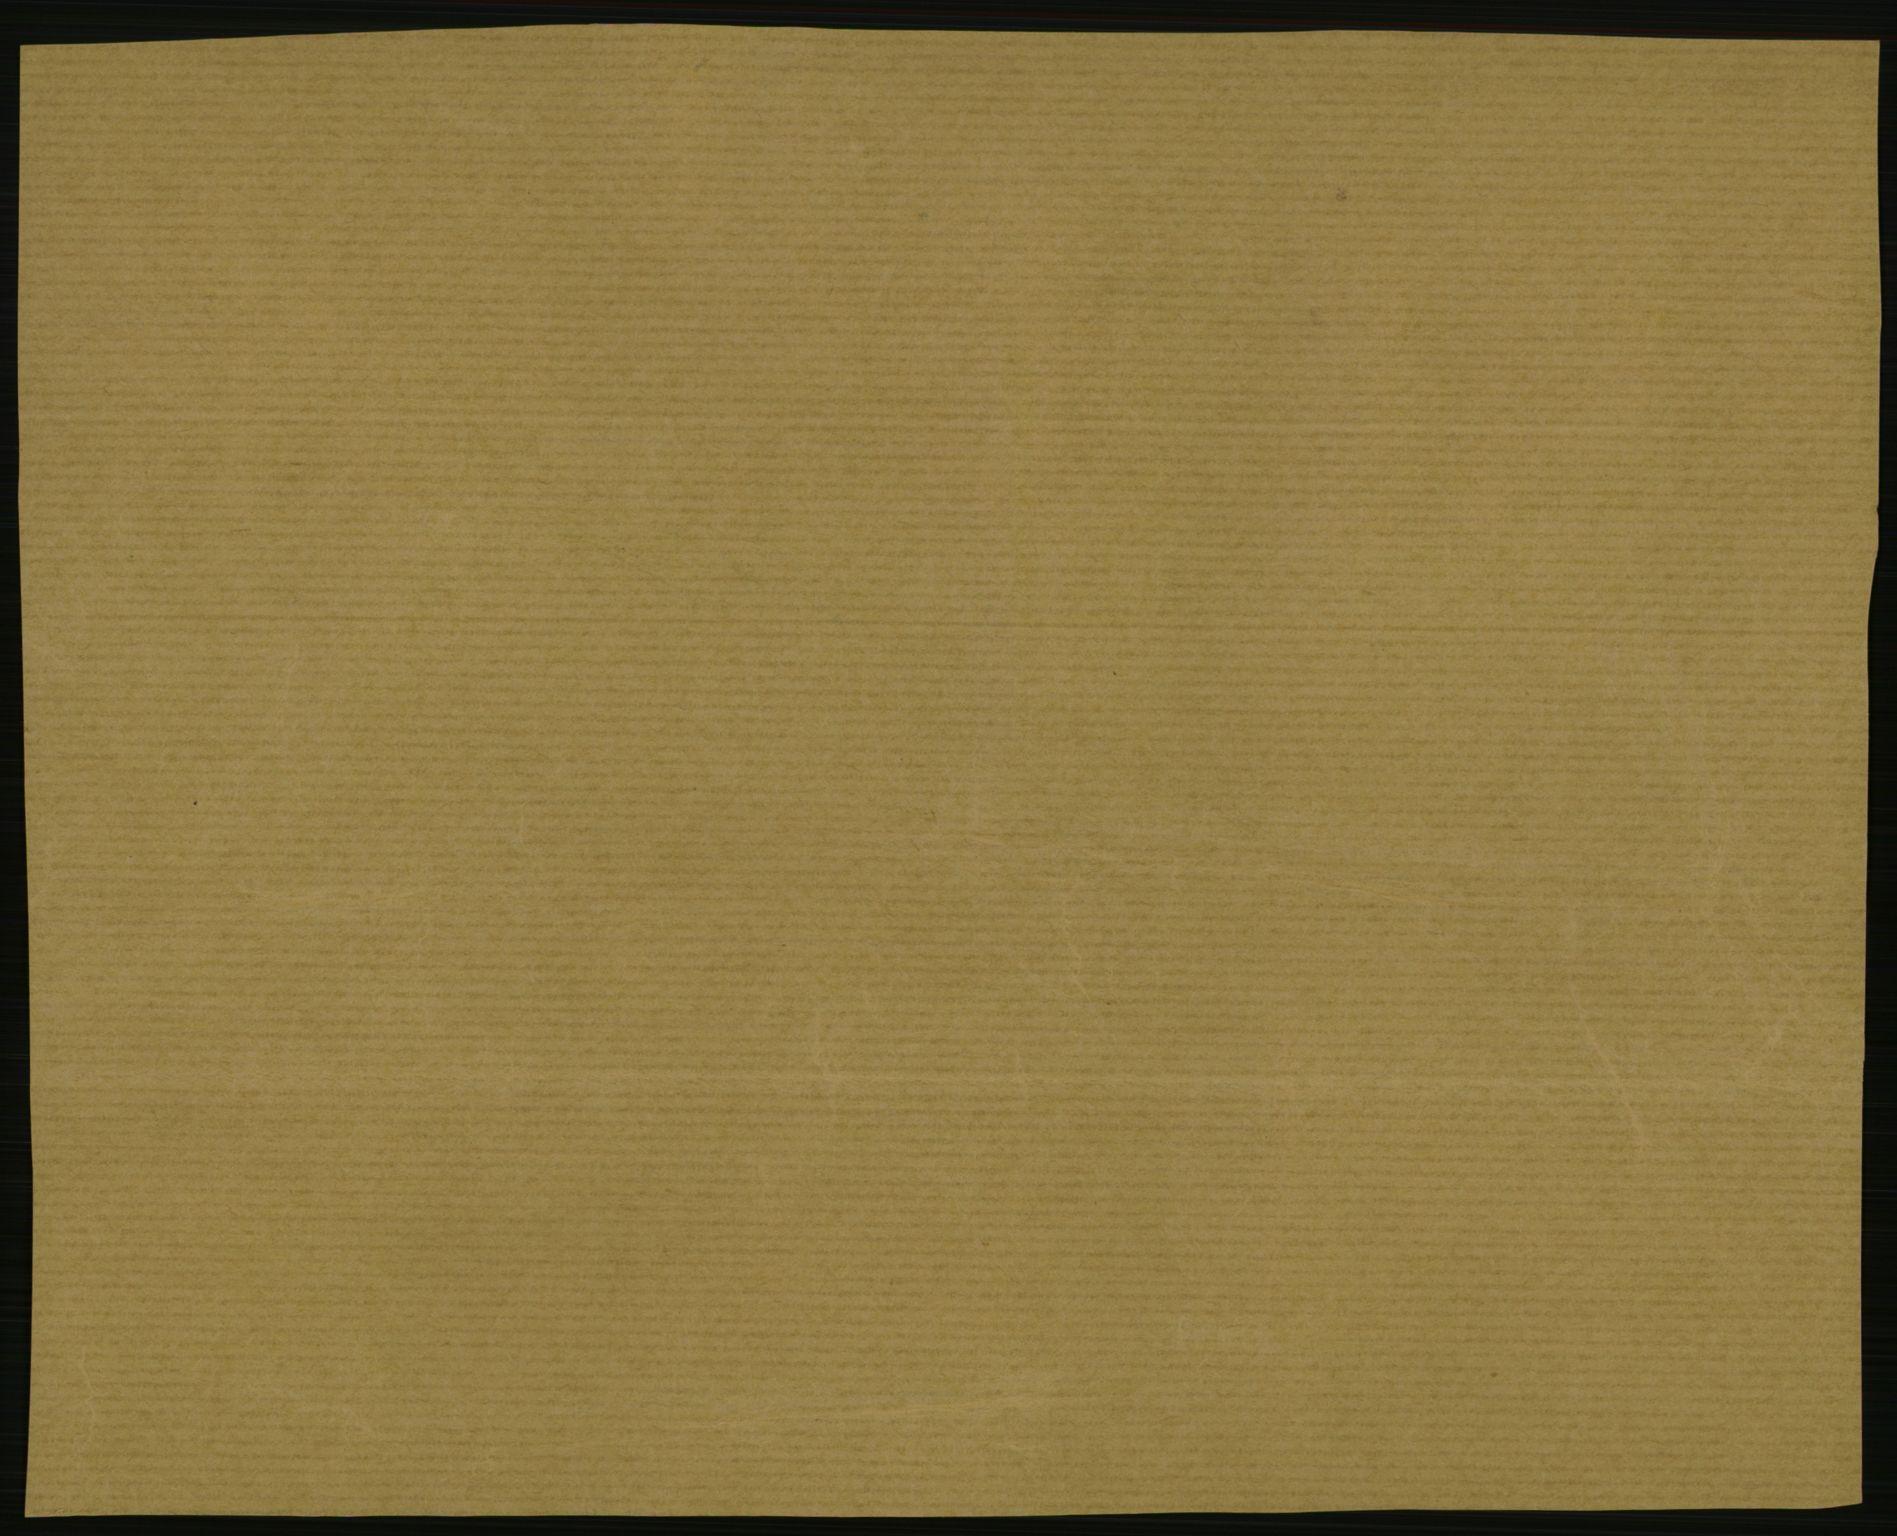 RA, Statistisk sentralbyrå, Sosiodemografiske emner, Befolkning, D/Df/Dfa/Dfaa/L0016: Romsdal amt: Fødte, gifte, døde., 1903, s. 2